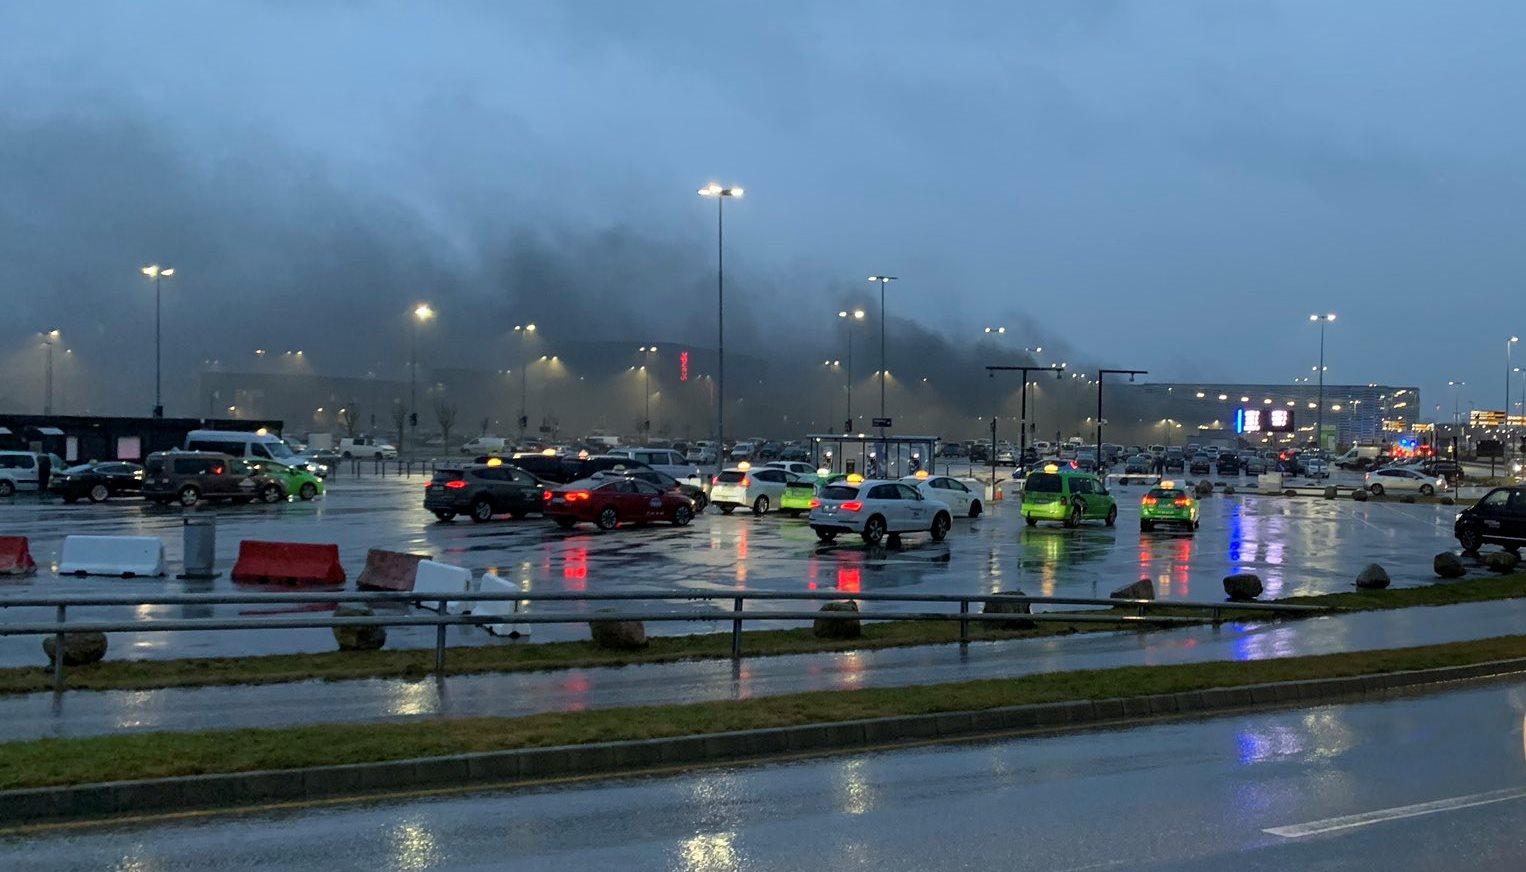 Kraftig røgudvikling fra det brændende parkeringshus i Stavanger Lufthavn. (Foto: stormy_chan93 | Twitter)